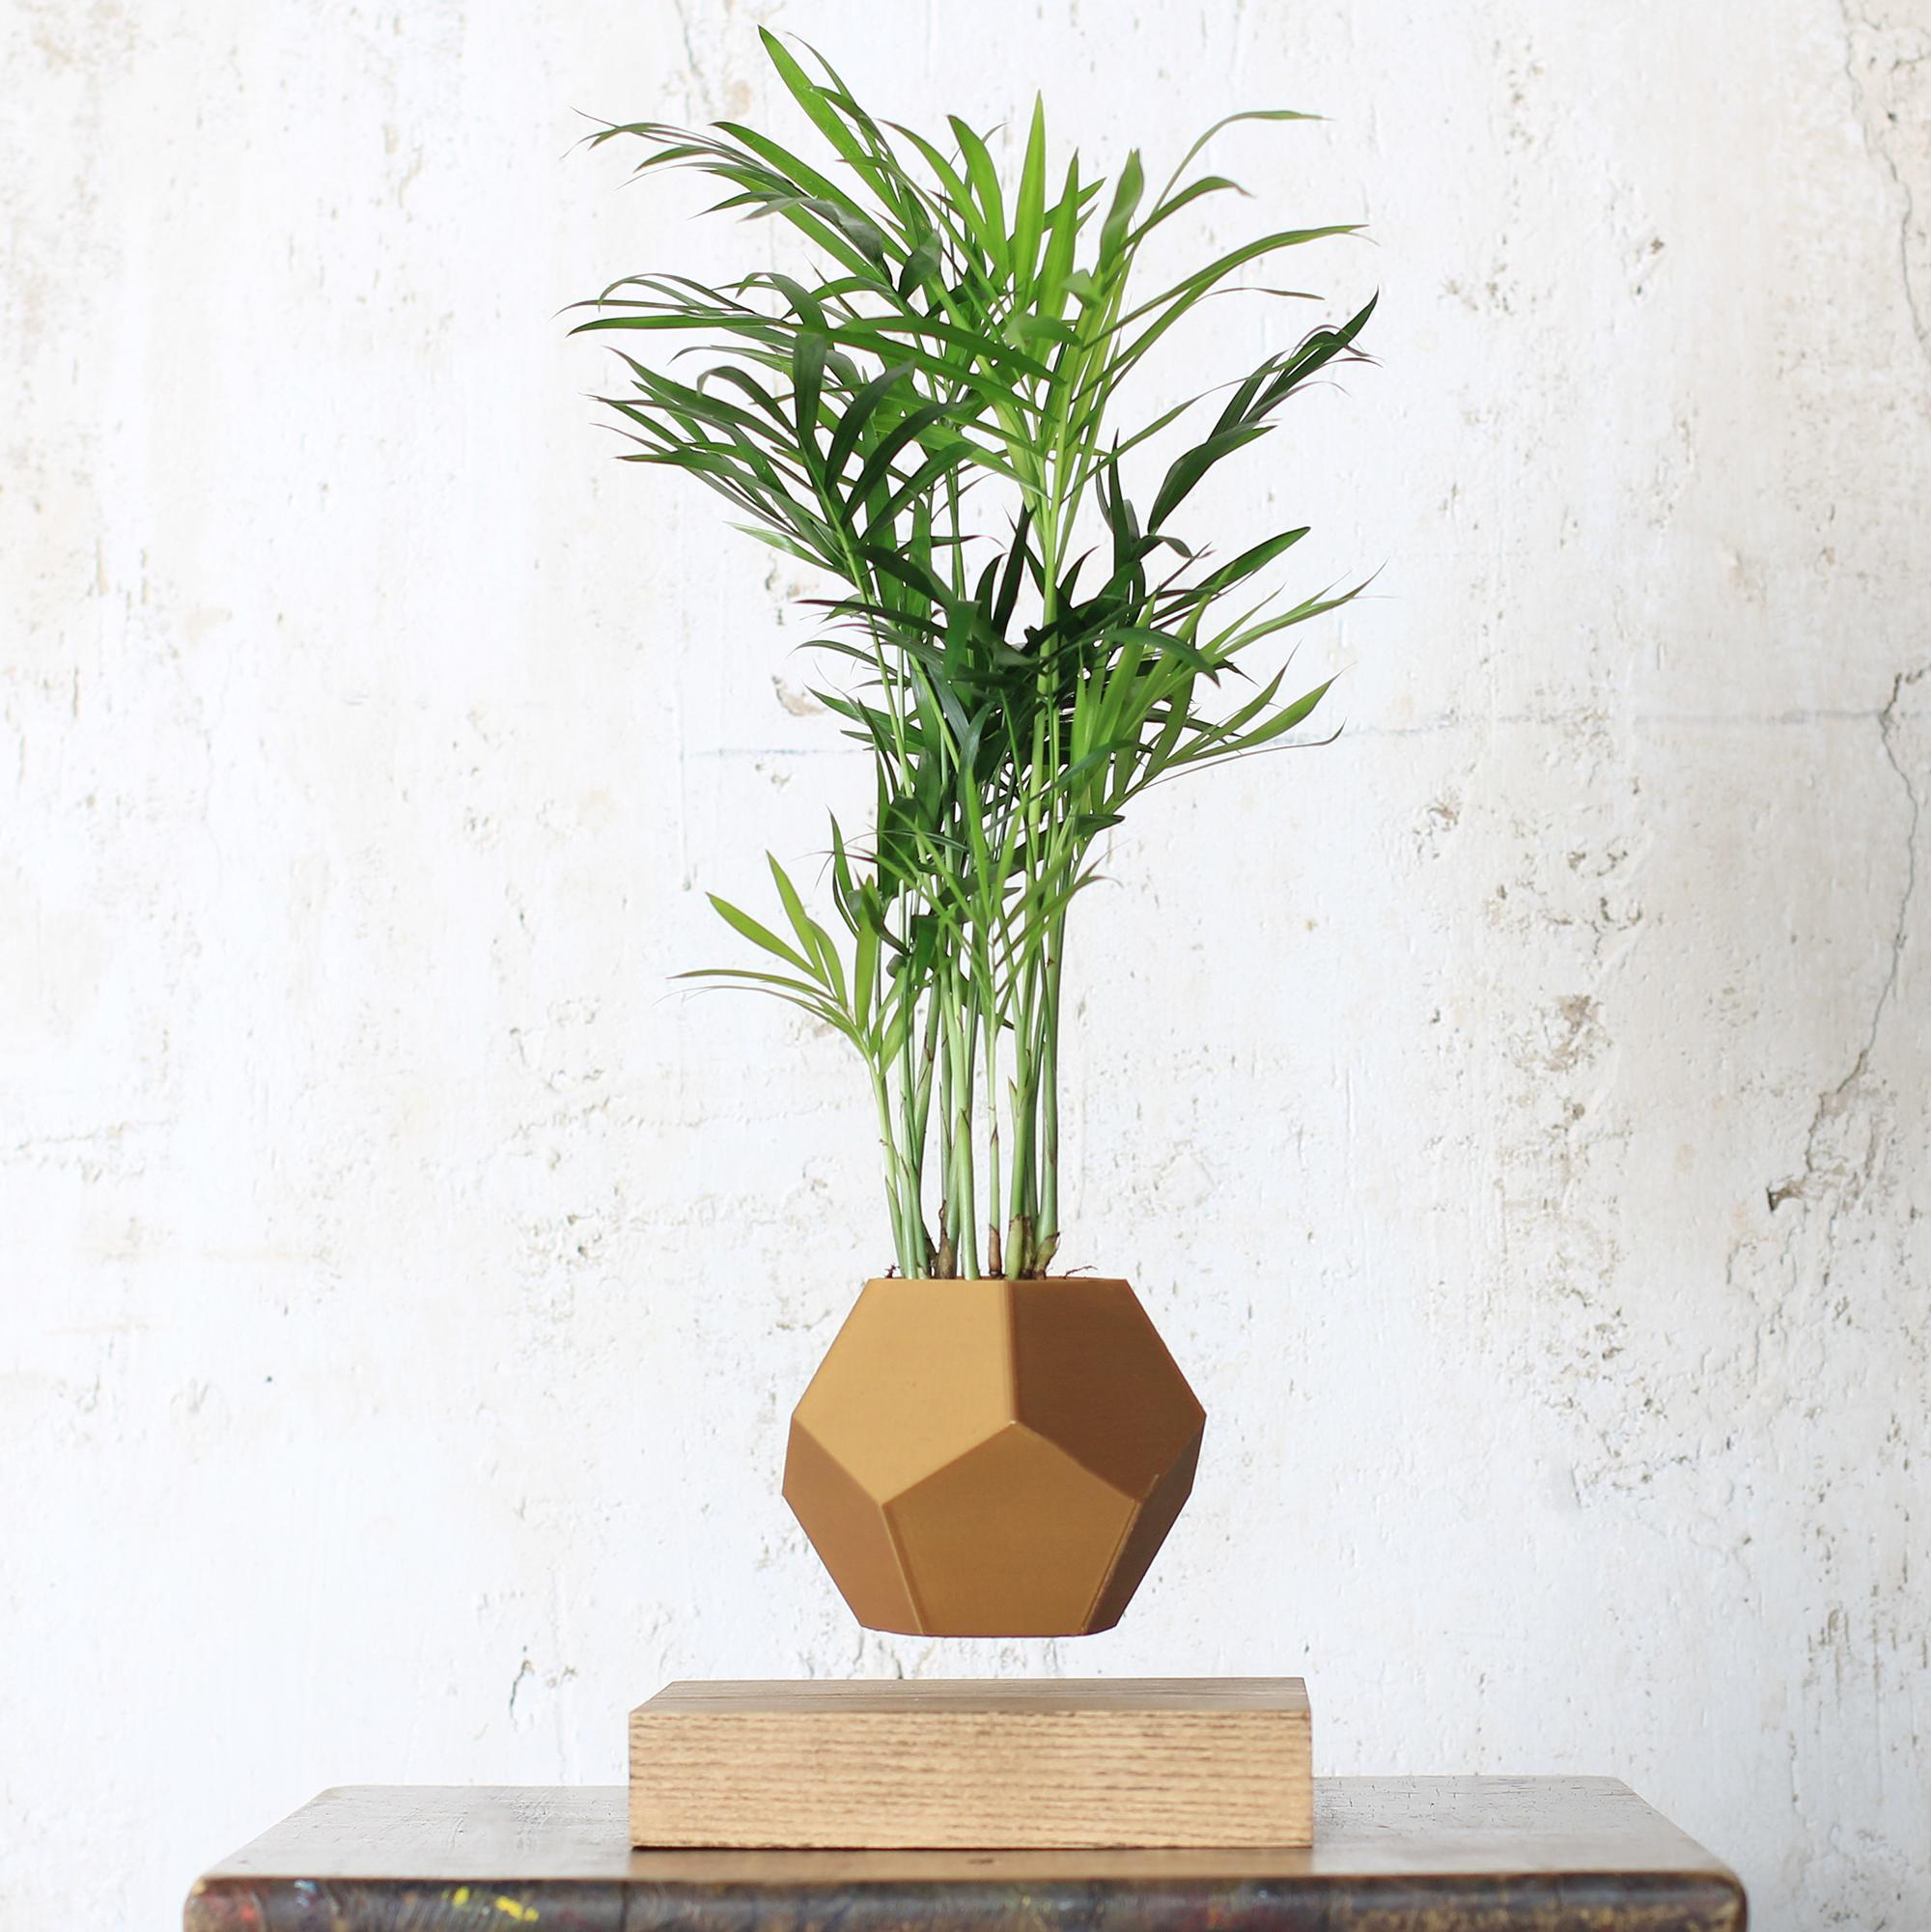 Левитирующее растение в светлом кашпо